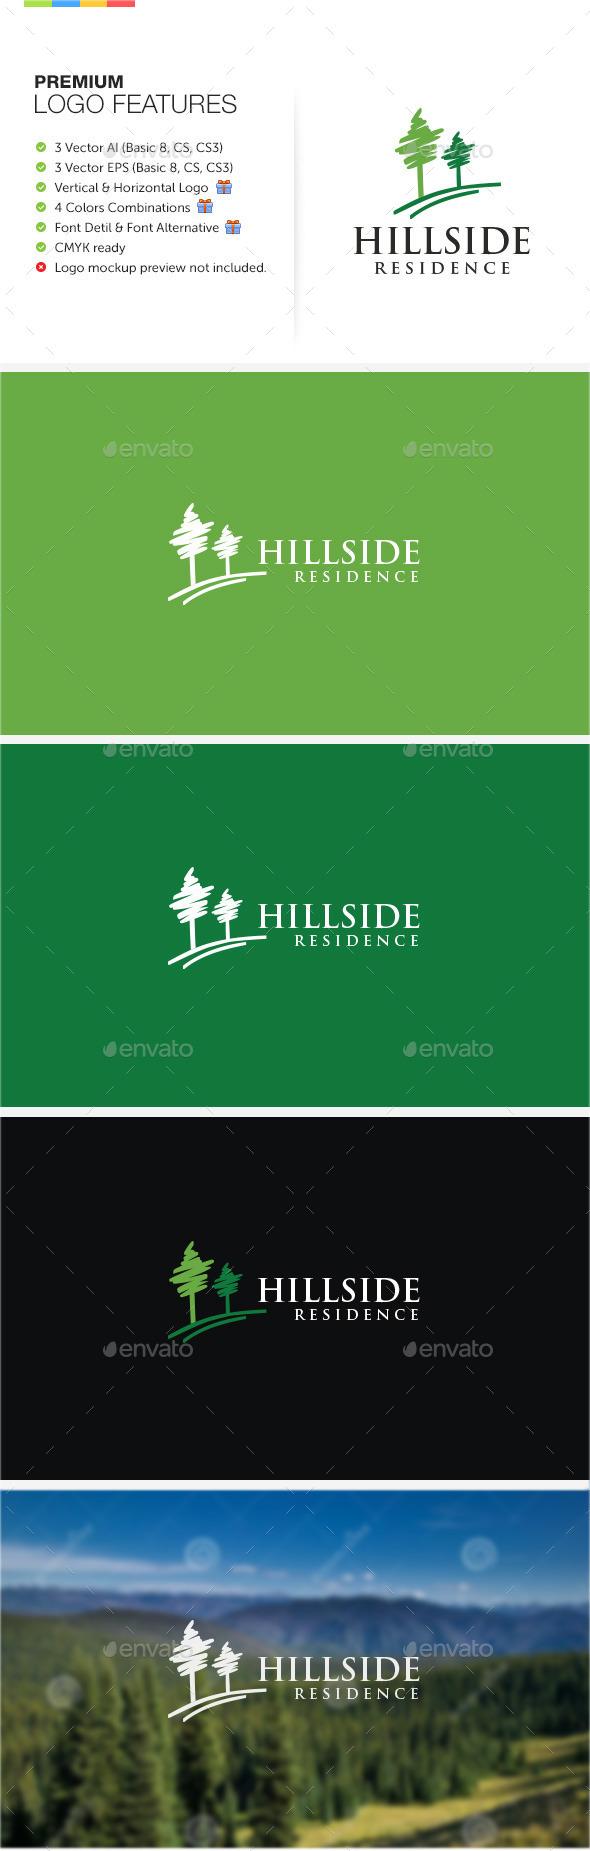 Hillside Residence Logo